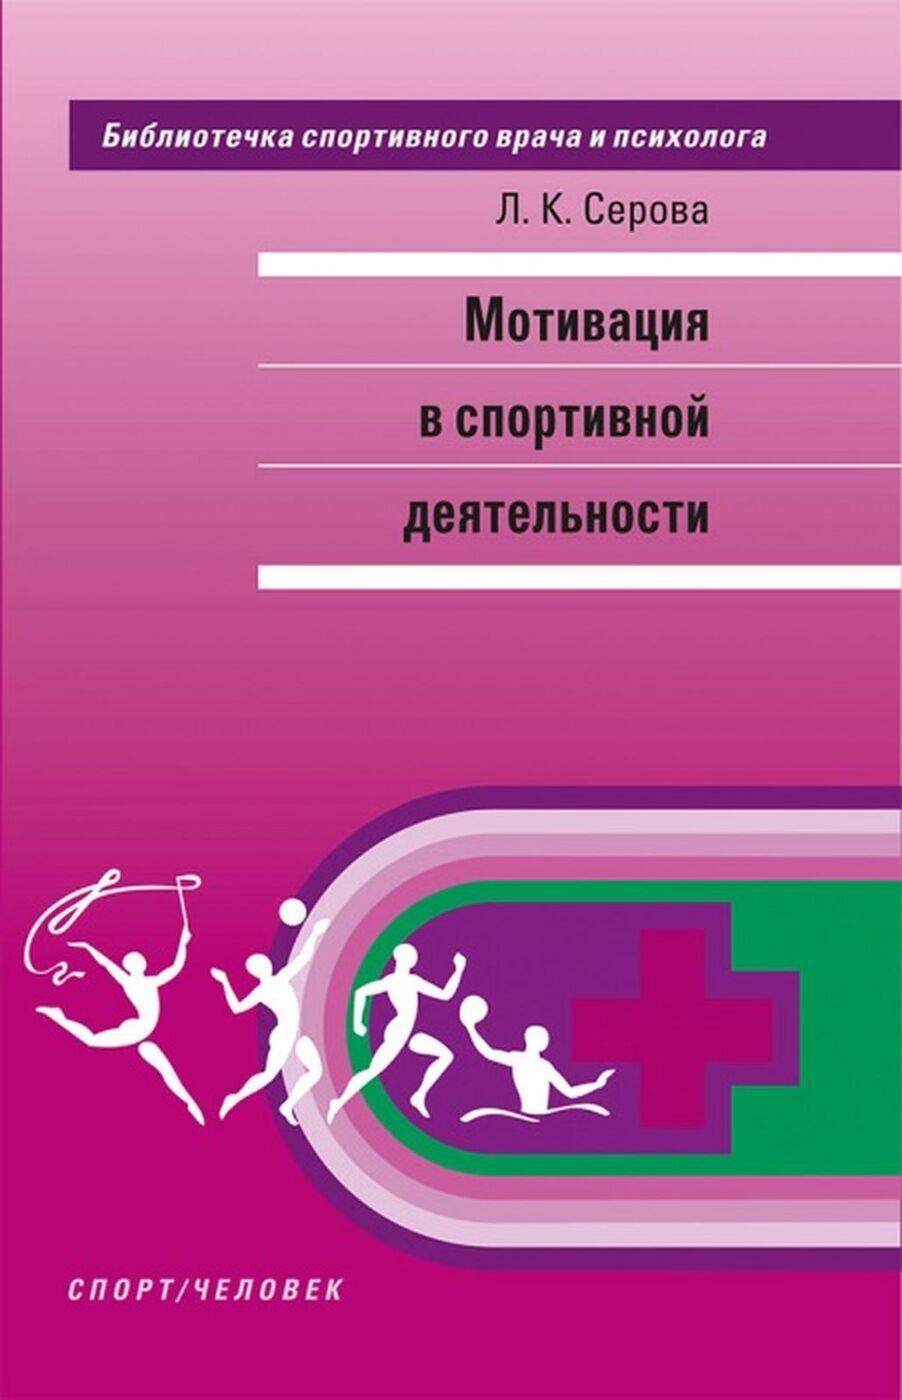 книги про спорт и мотивацию того